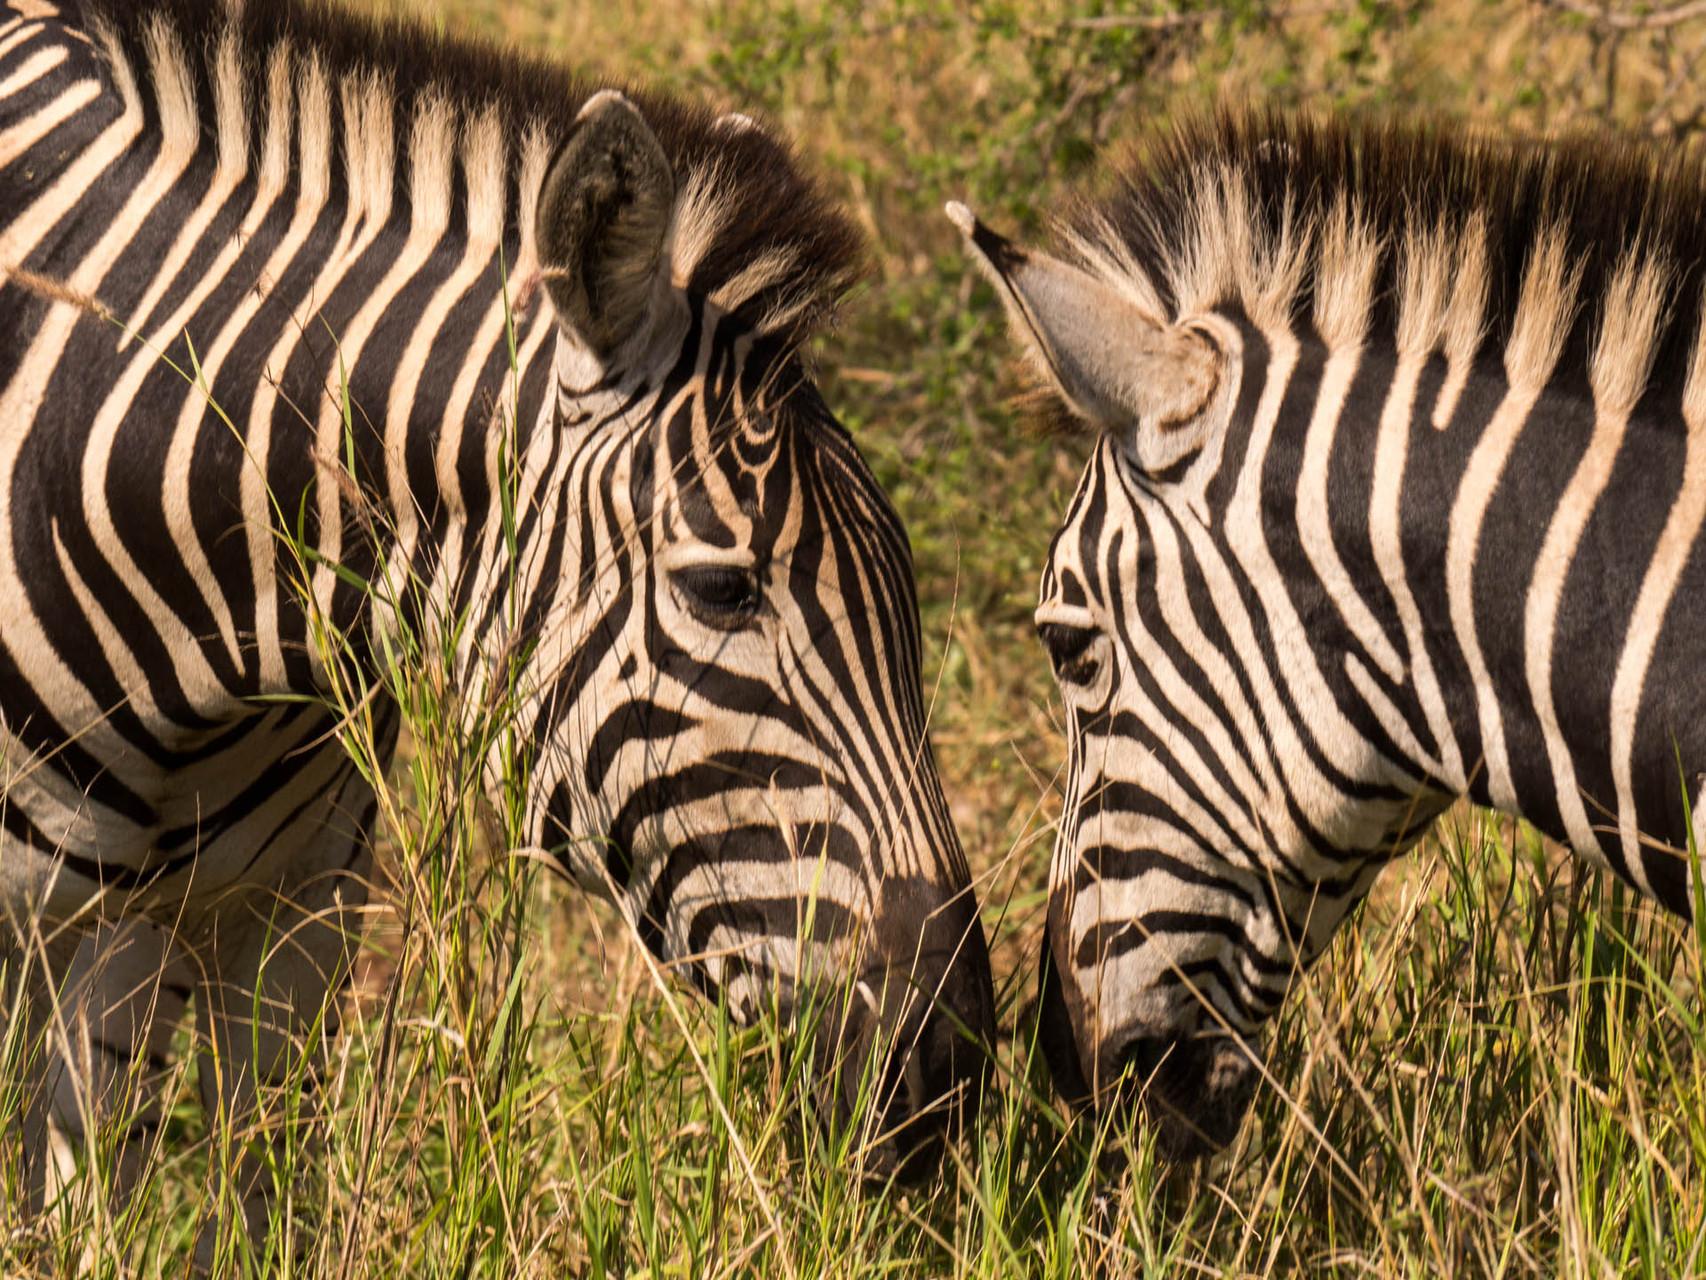 Zebras [Kruger Park, South Africa, 2015]